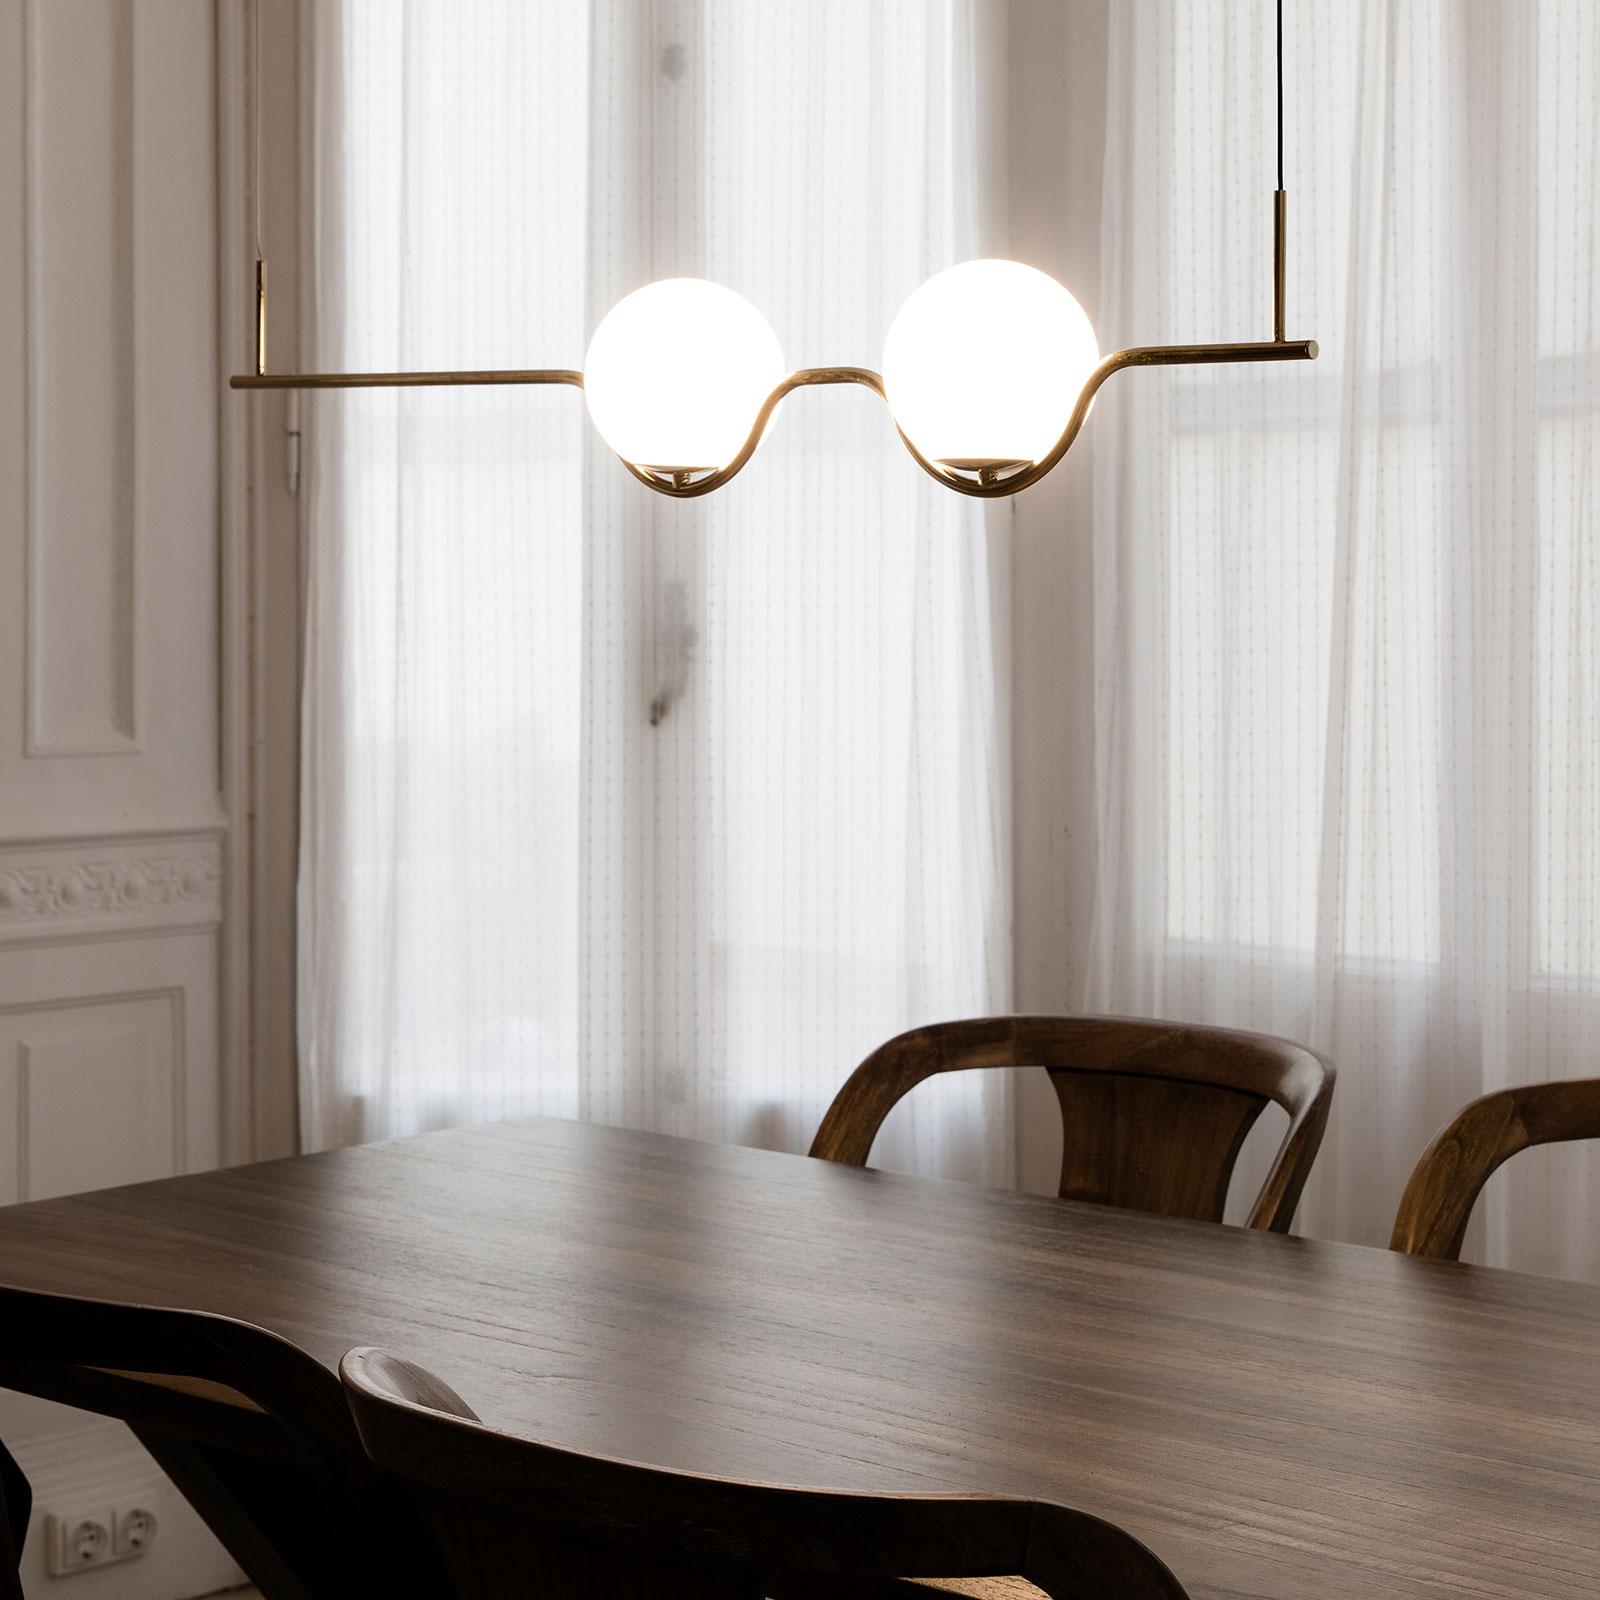 Acquista Lampada Sospensione Di Design Le Vita Led 2 Luci Lampade It